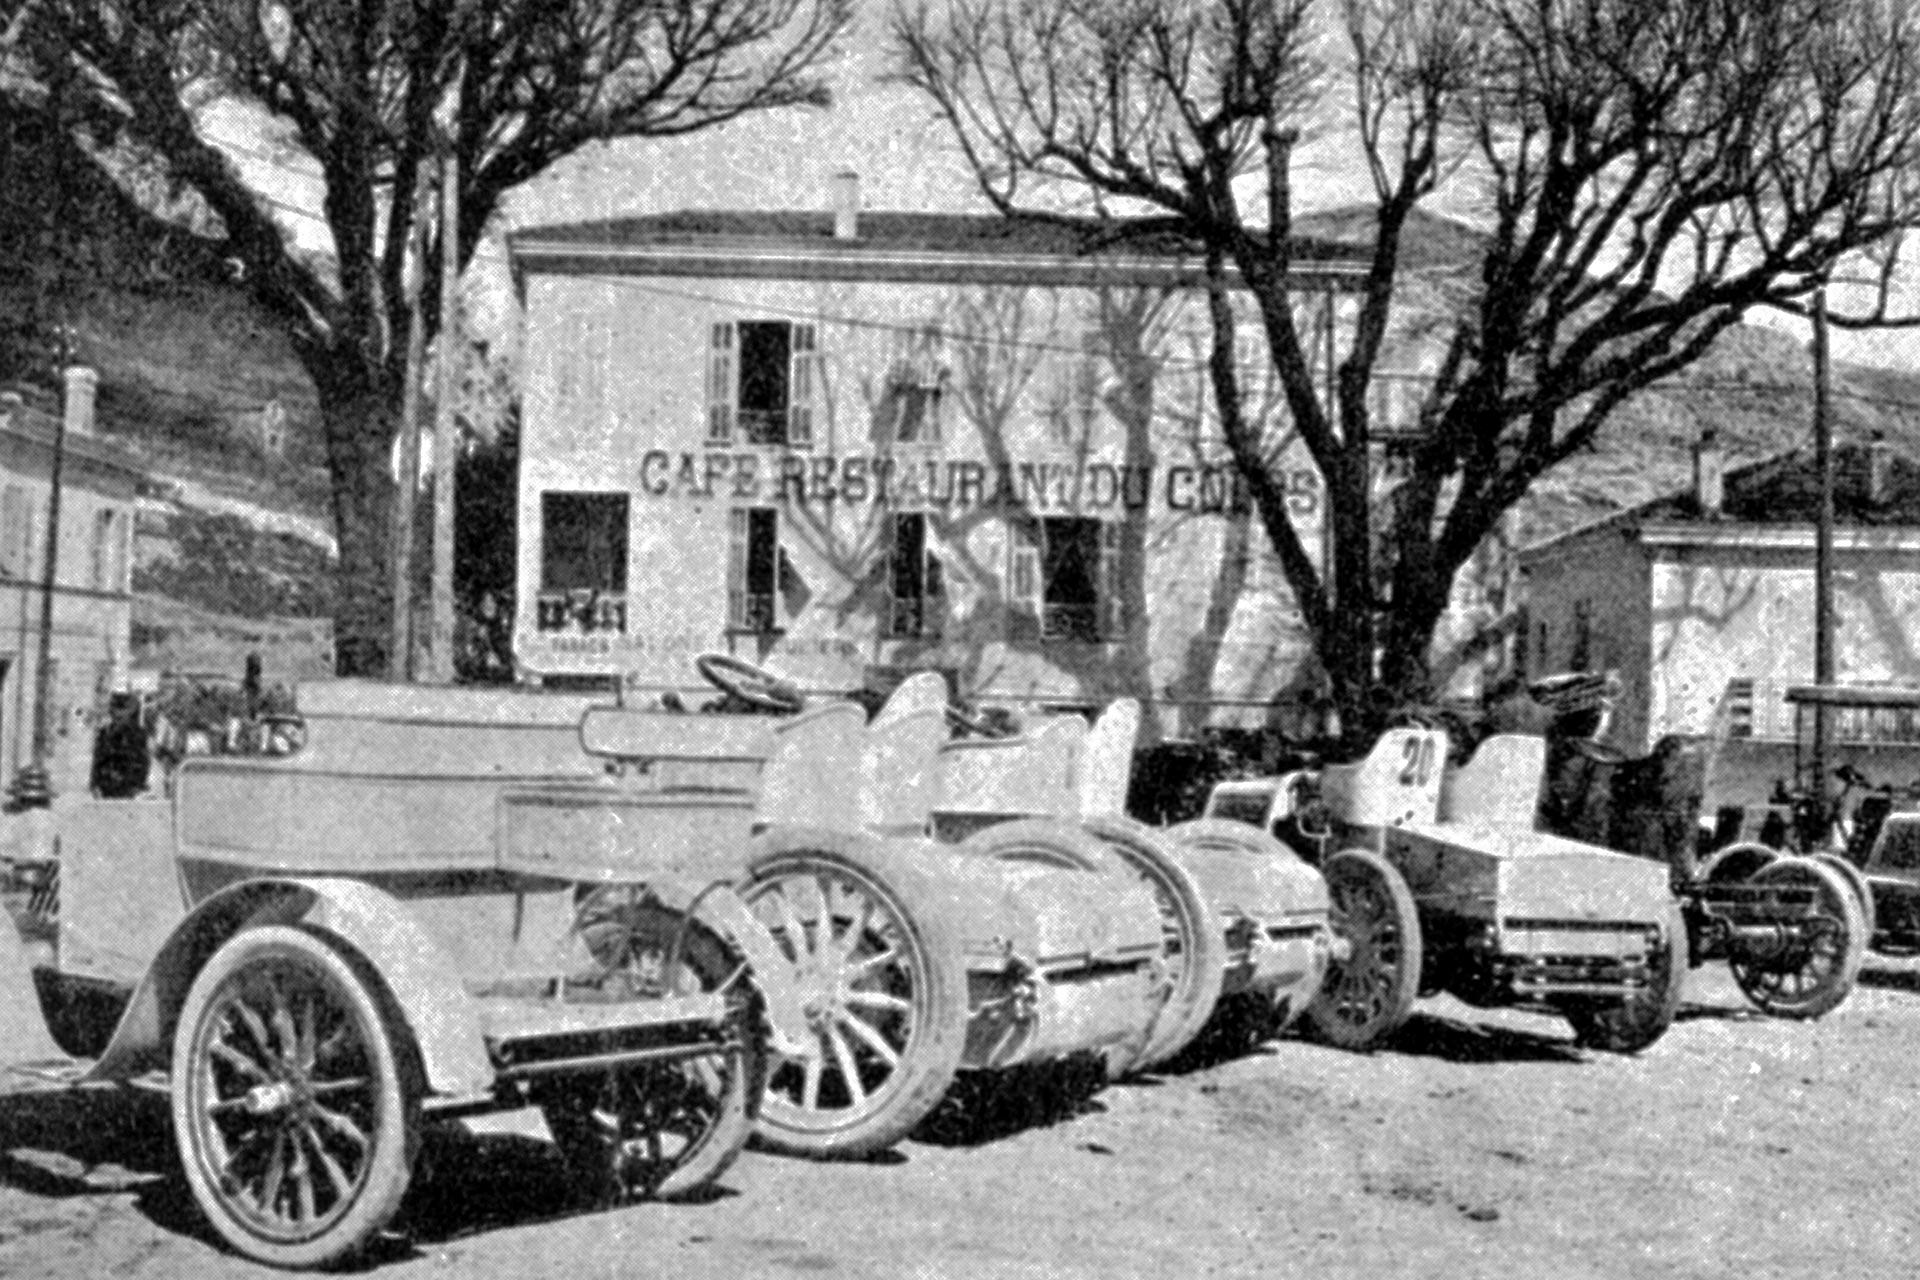 """Woche von Nizza, 25. bis 29. März 1901. Bergrennen Nizza–La Turbie am 29. März 1901. Mehrere Fahrzeuge der Klasse der zweisitzigen Rennwagen in La Turbie. Das zweite Fahrzeug von links ist der Mercedes 35 PS von Albert """"Georges"""" Lemaître (Platz 2), rechts daneben der Mercedes 35 PS des Siegers Wilhelm Werner (Startnummer 5)."""